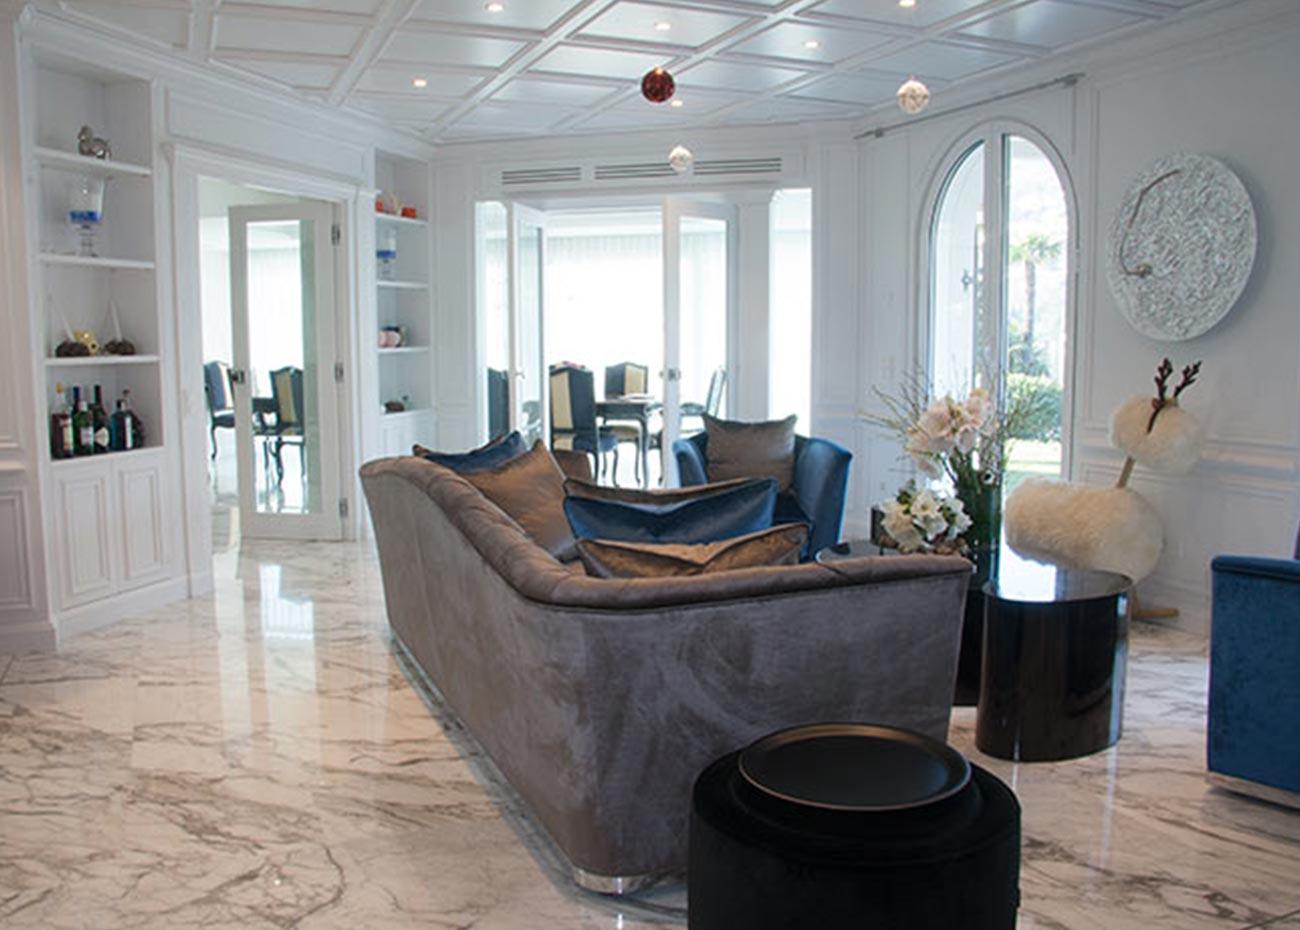 pavimento-salotto-in-marmo-bianco